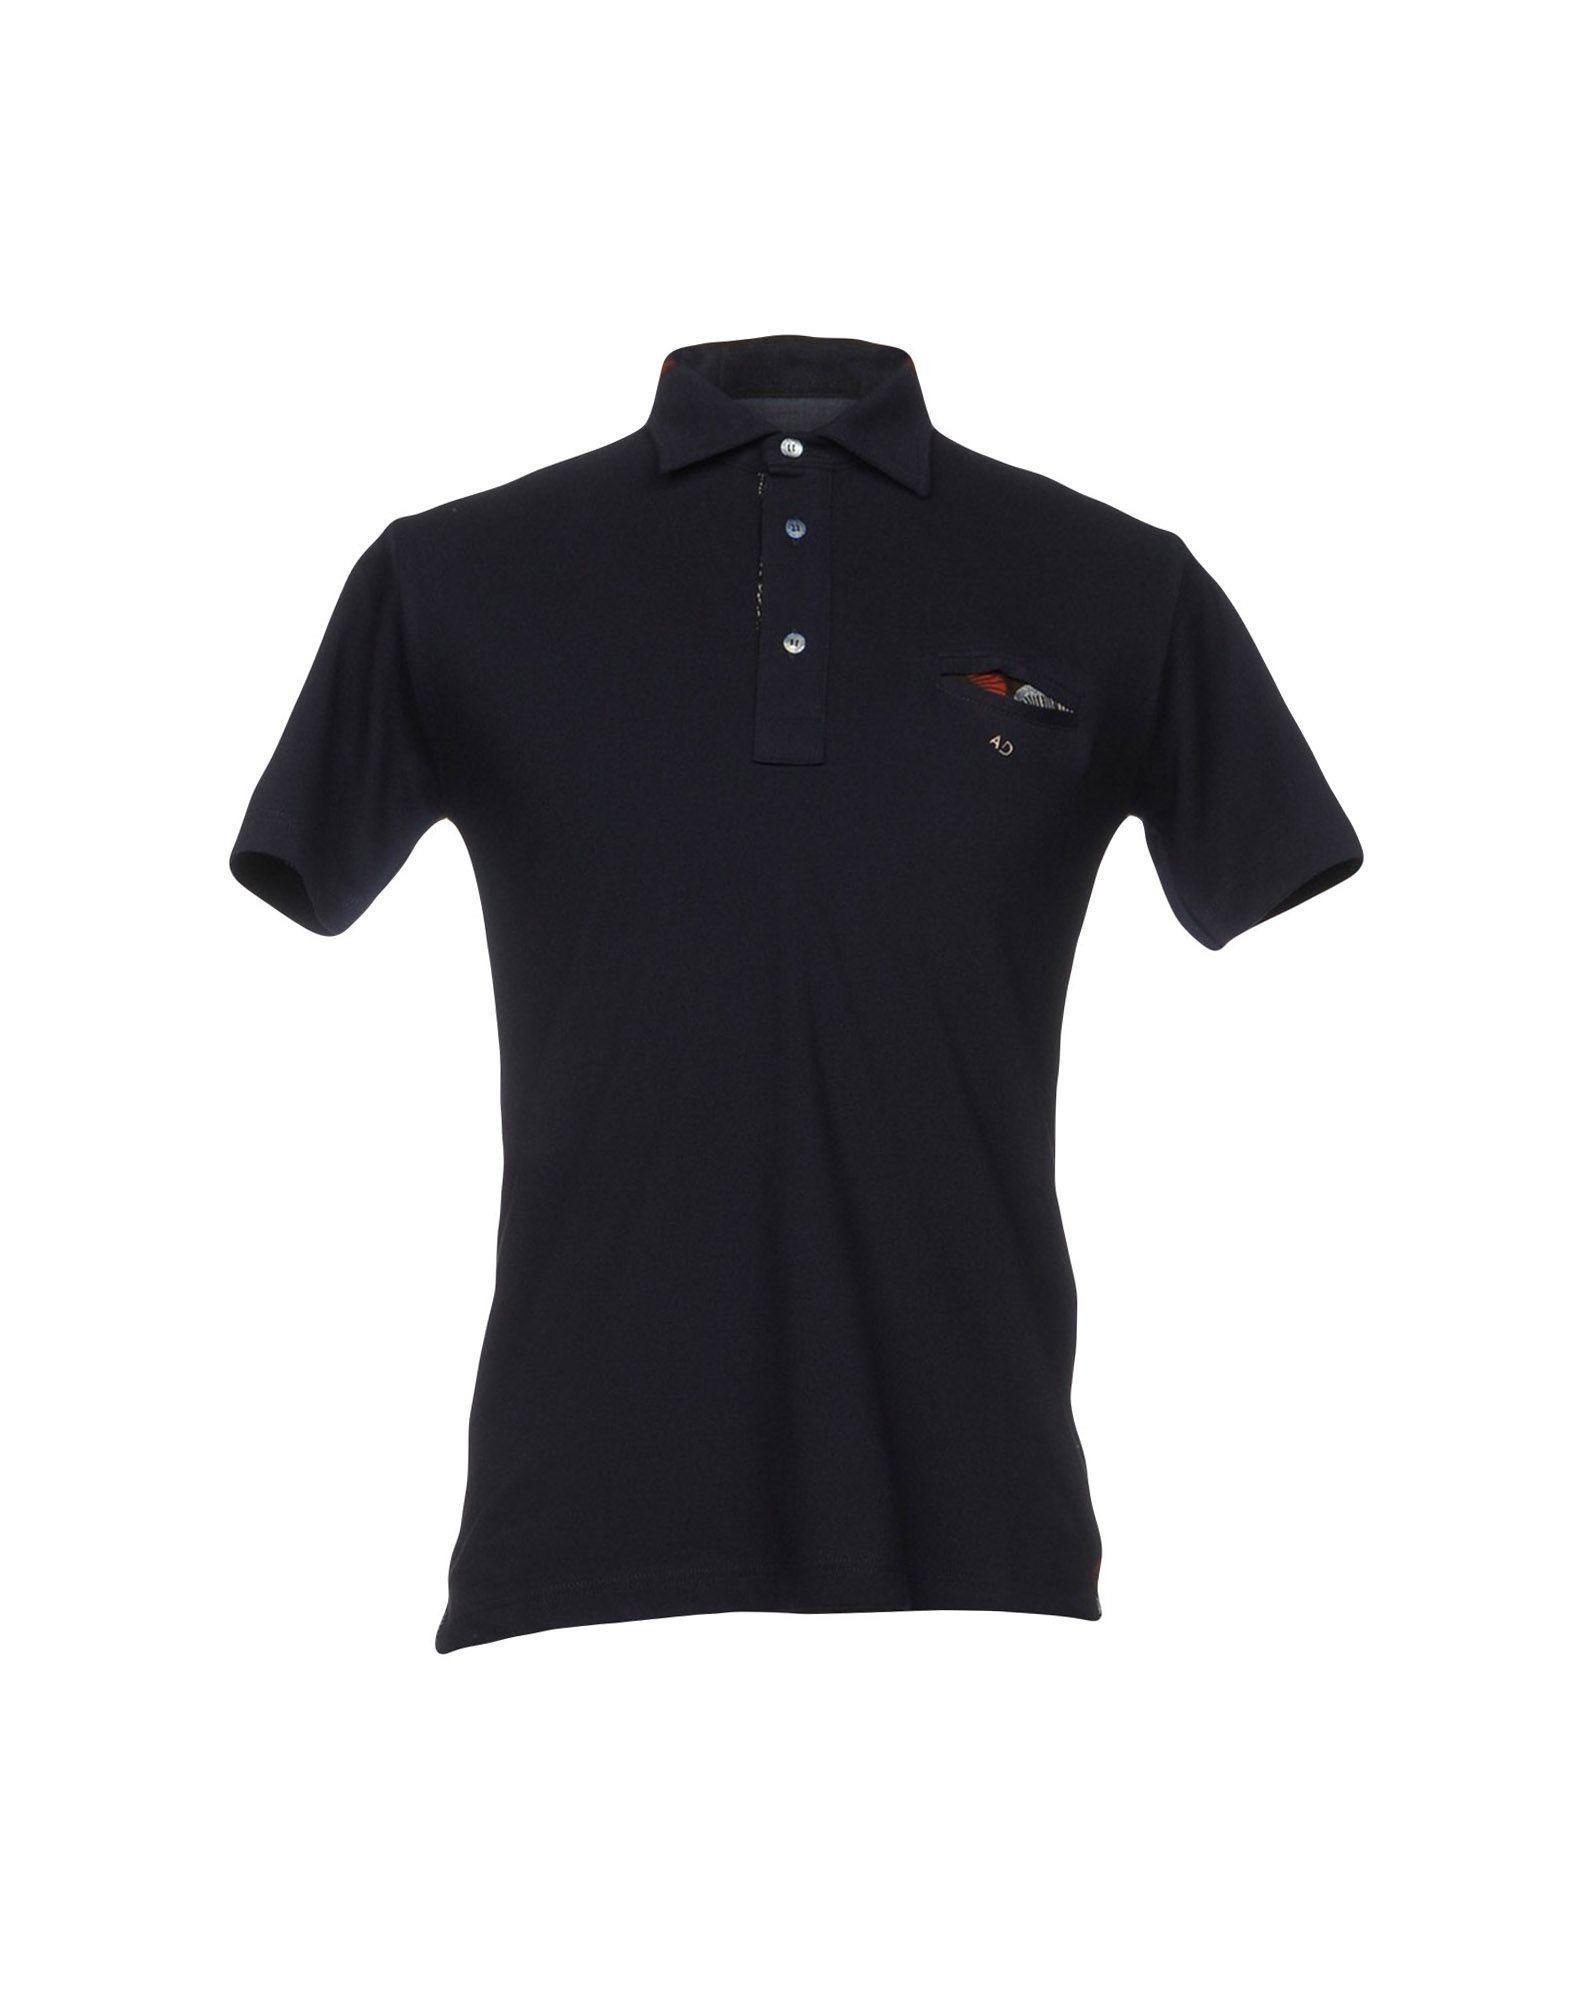 《送料無料》ALESSANDRO DELL'ACQUA メンズ ポロシャツ ブルー M コットン 100%